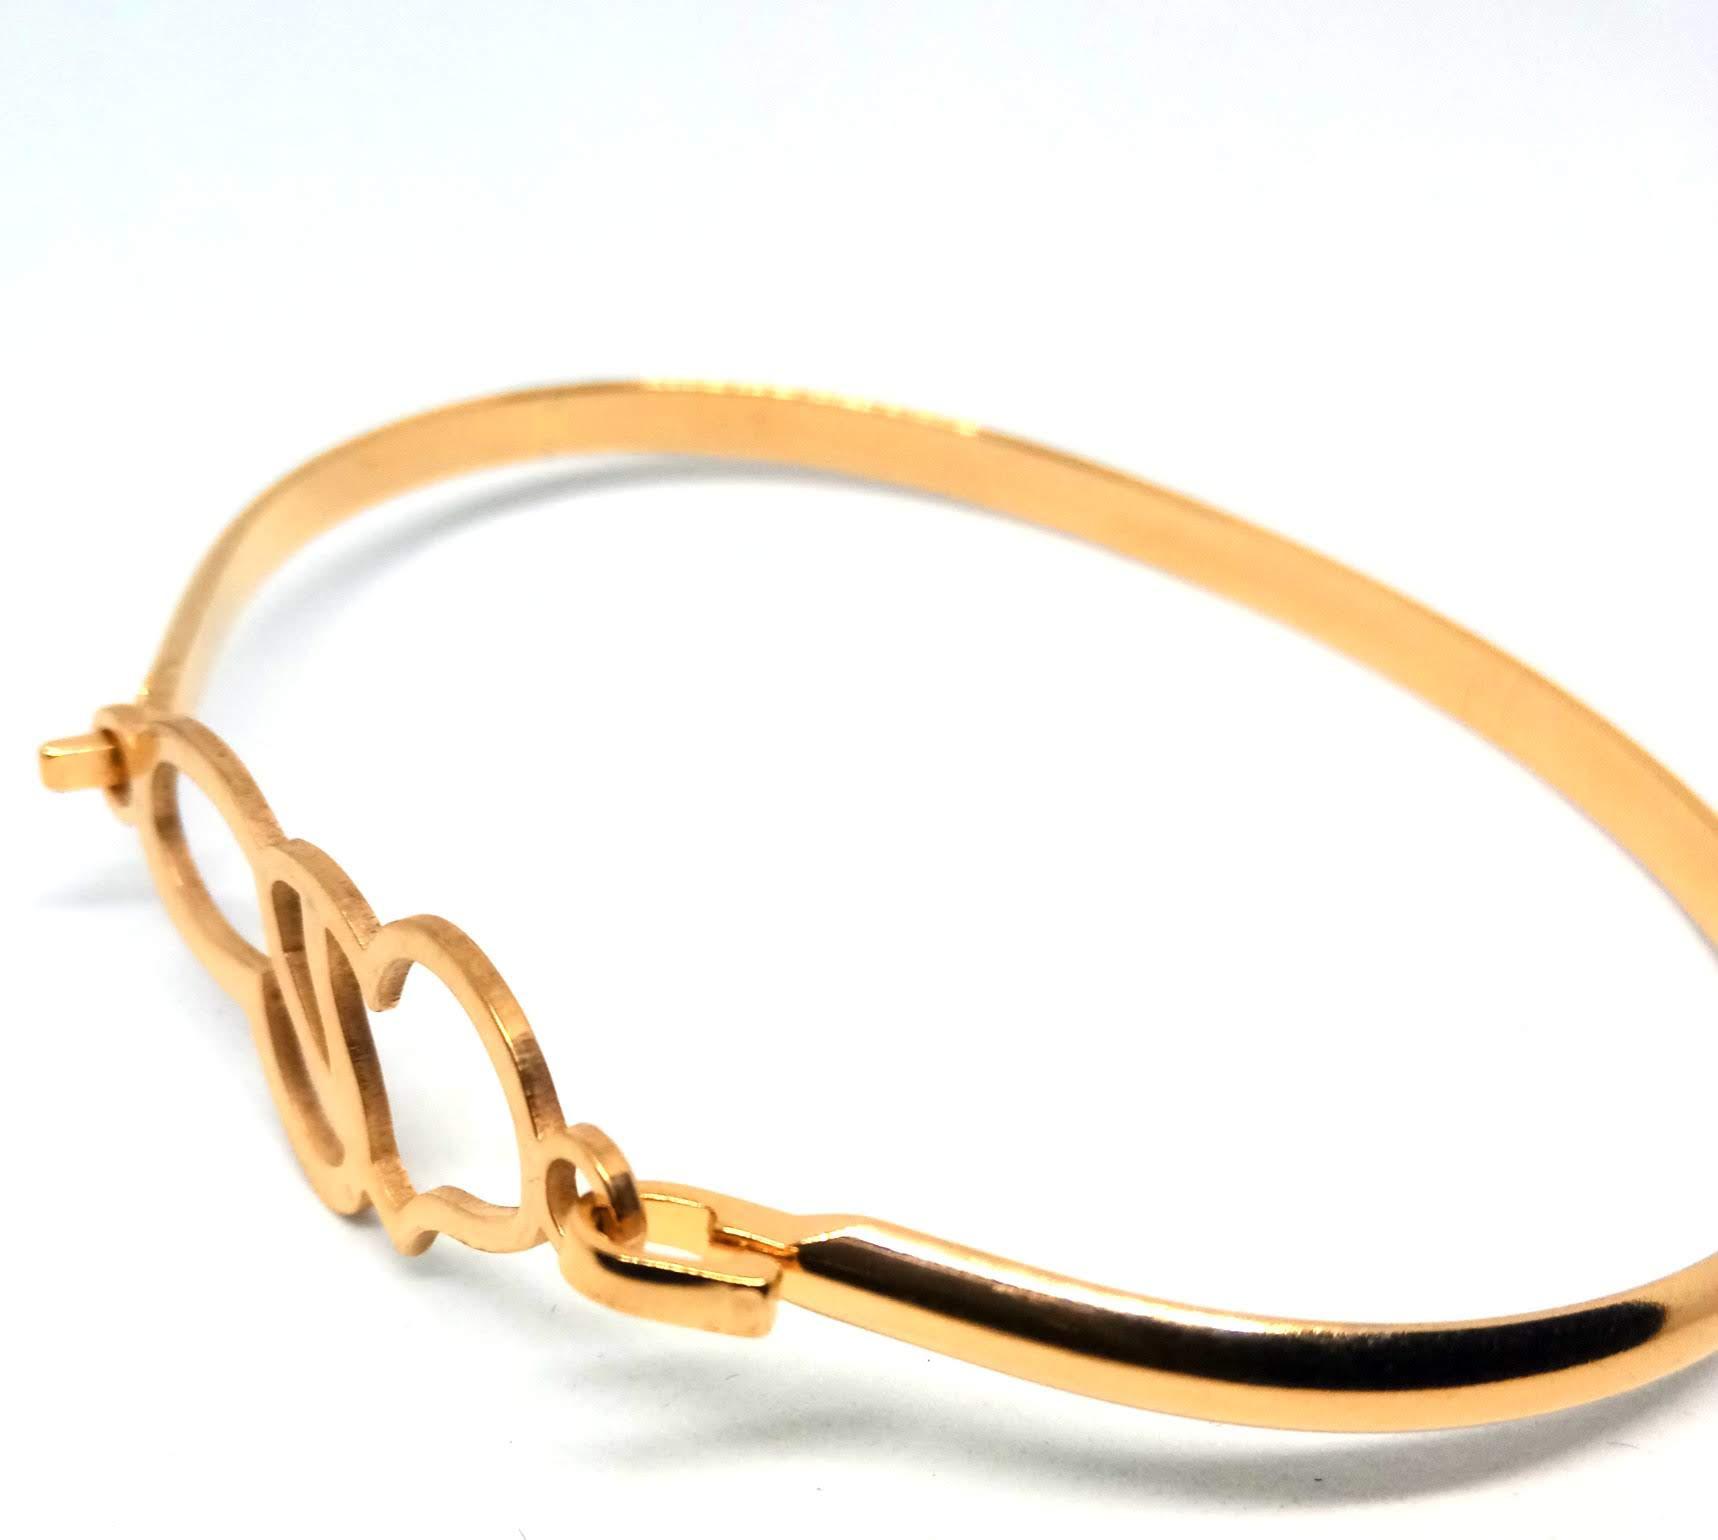 Pulseira Bracelete Feminina 2 Corações Banhada Ouro 18K